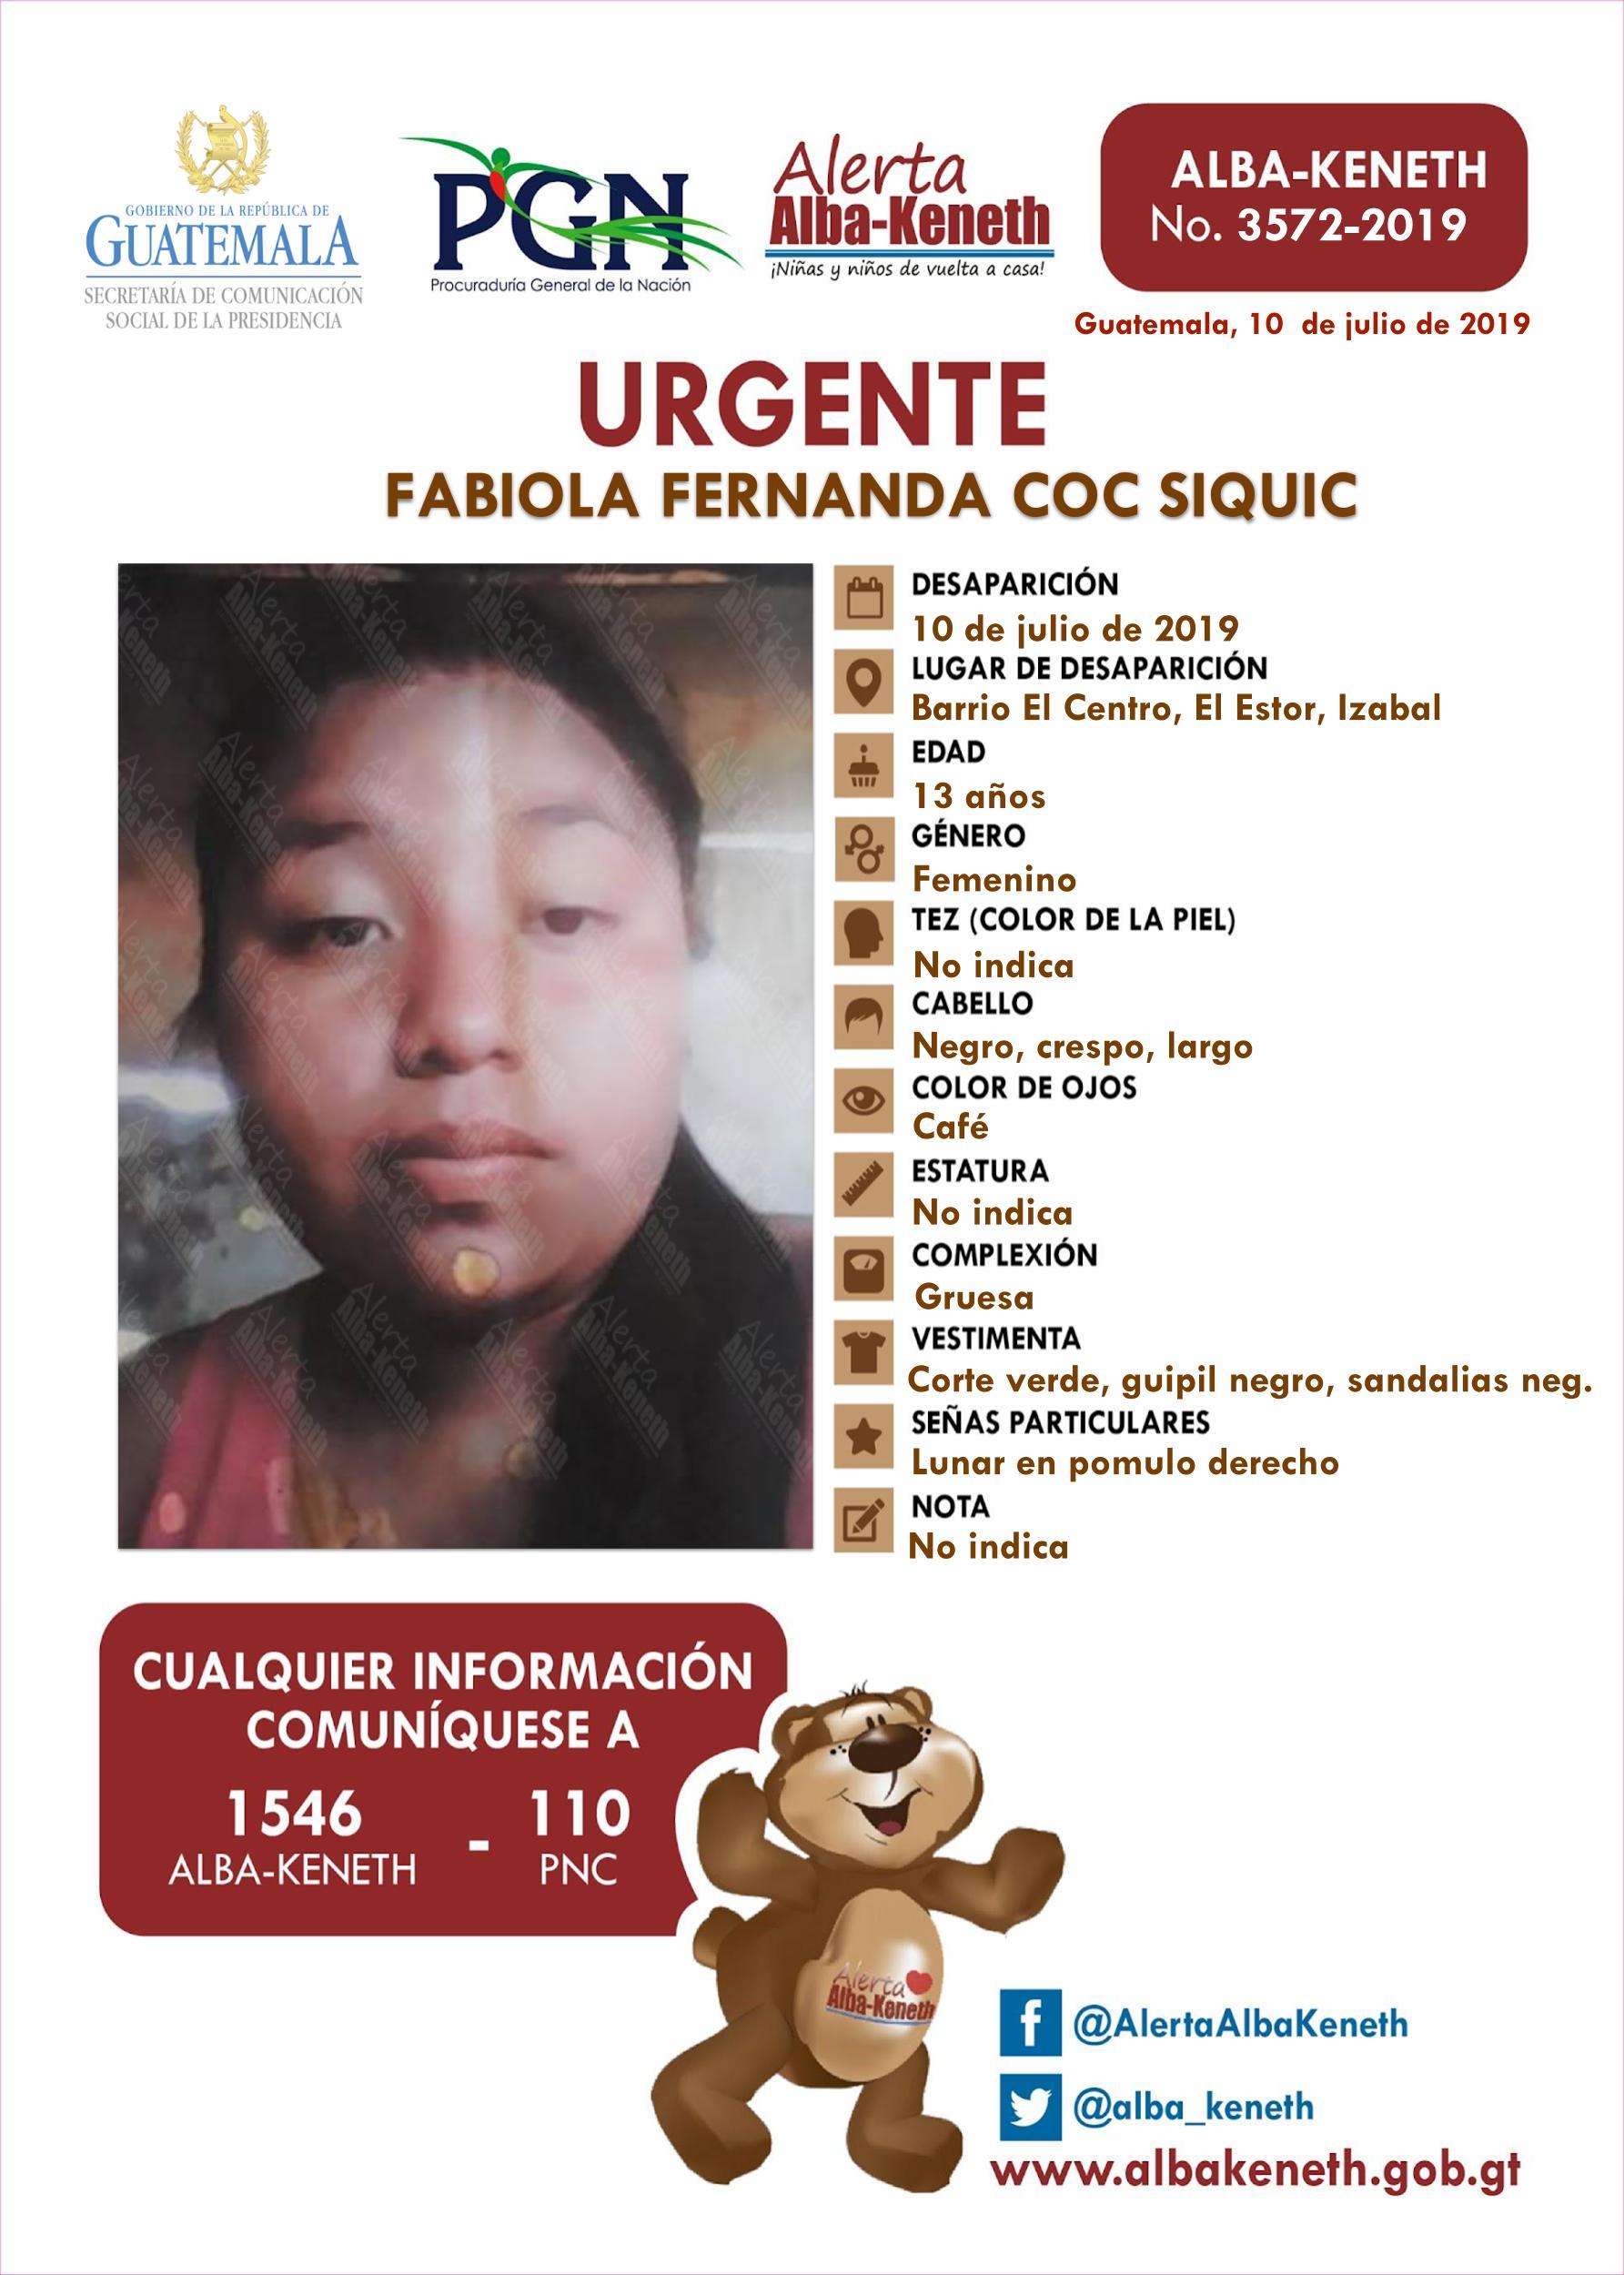 Fabiola Fernando Coc Siquic